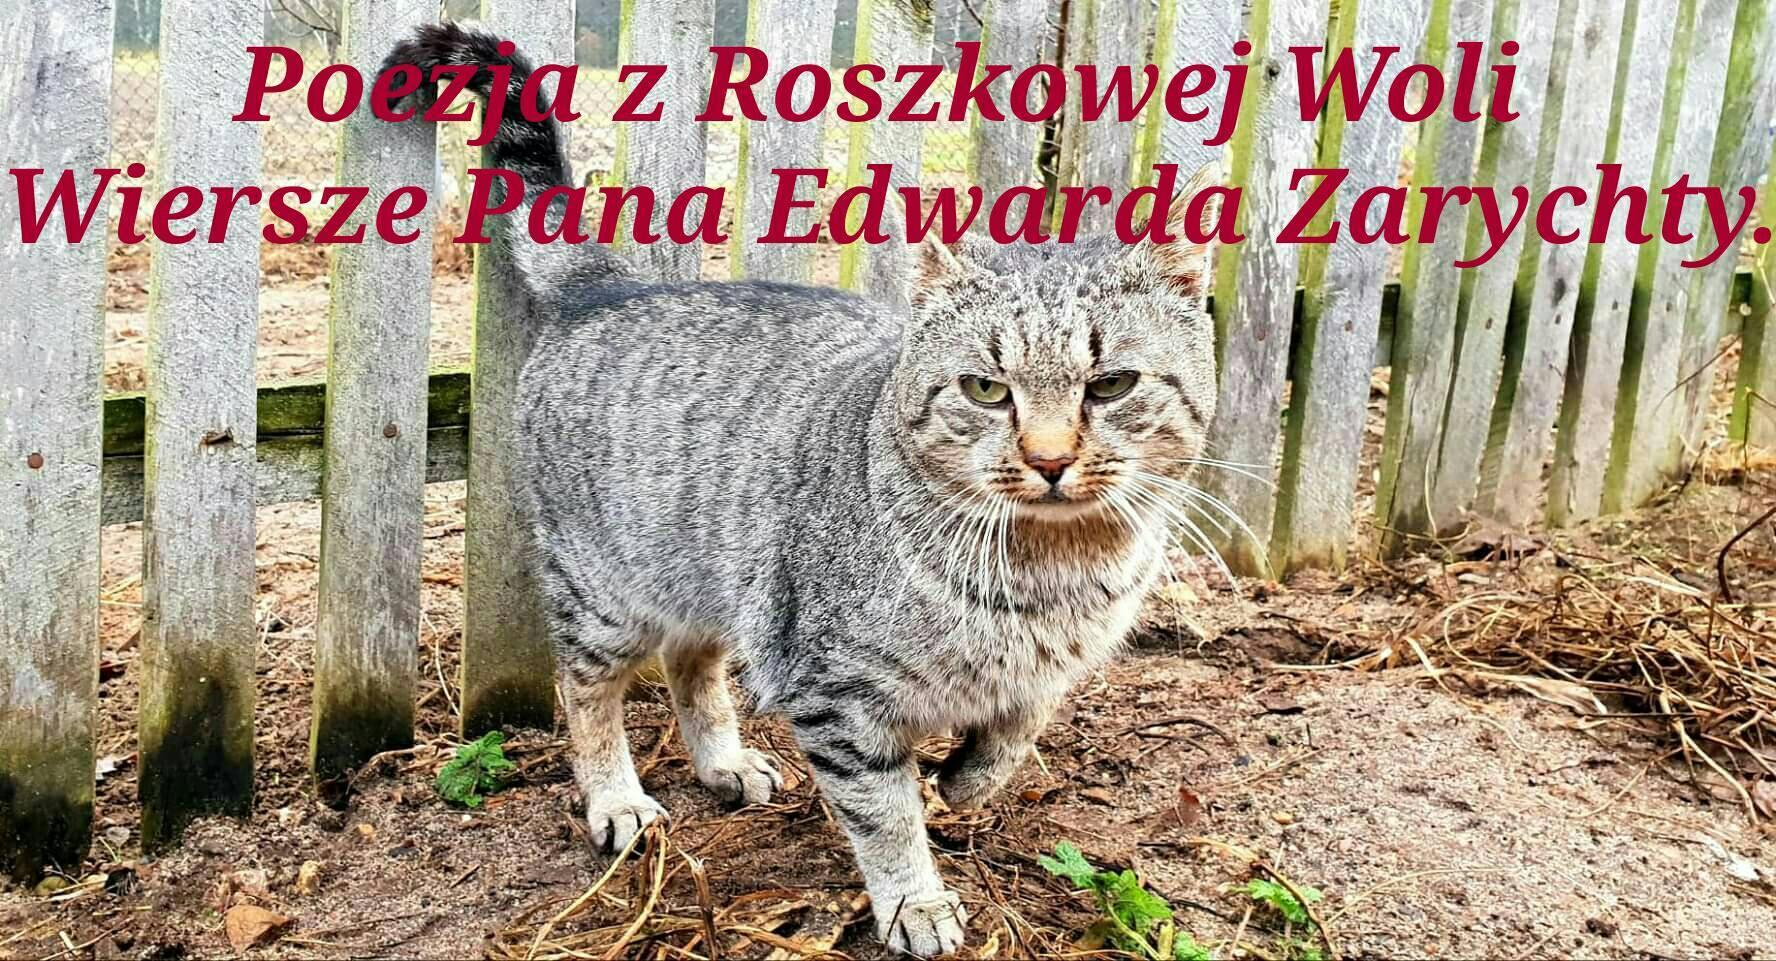 Poezja Z Roszkowej Woli Wiersze Pana Edwarda Zarychty